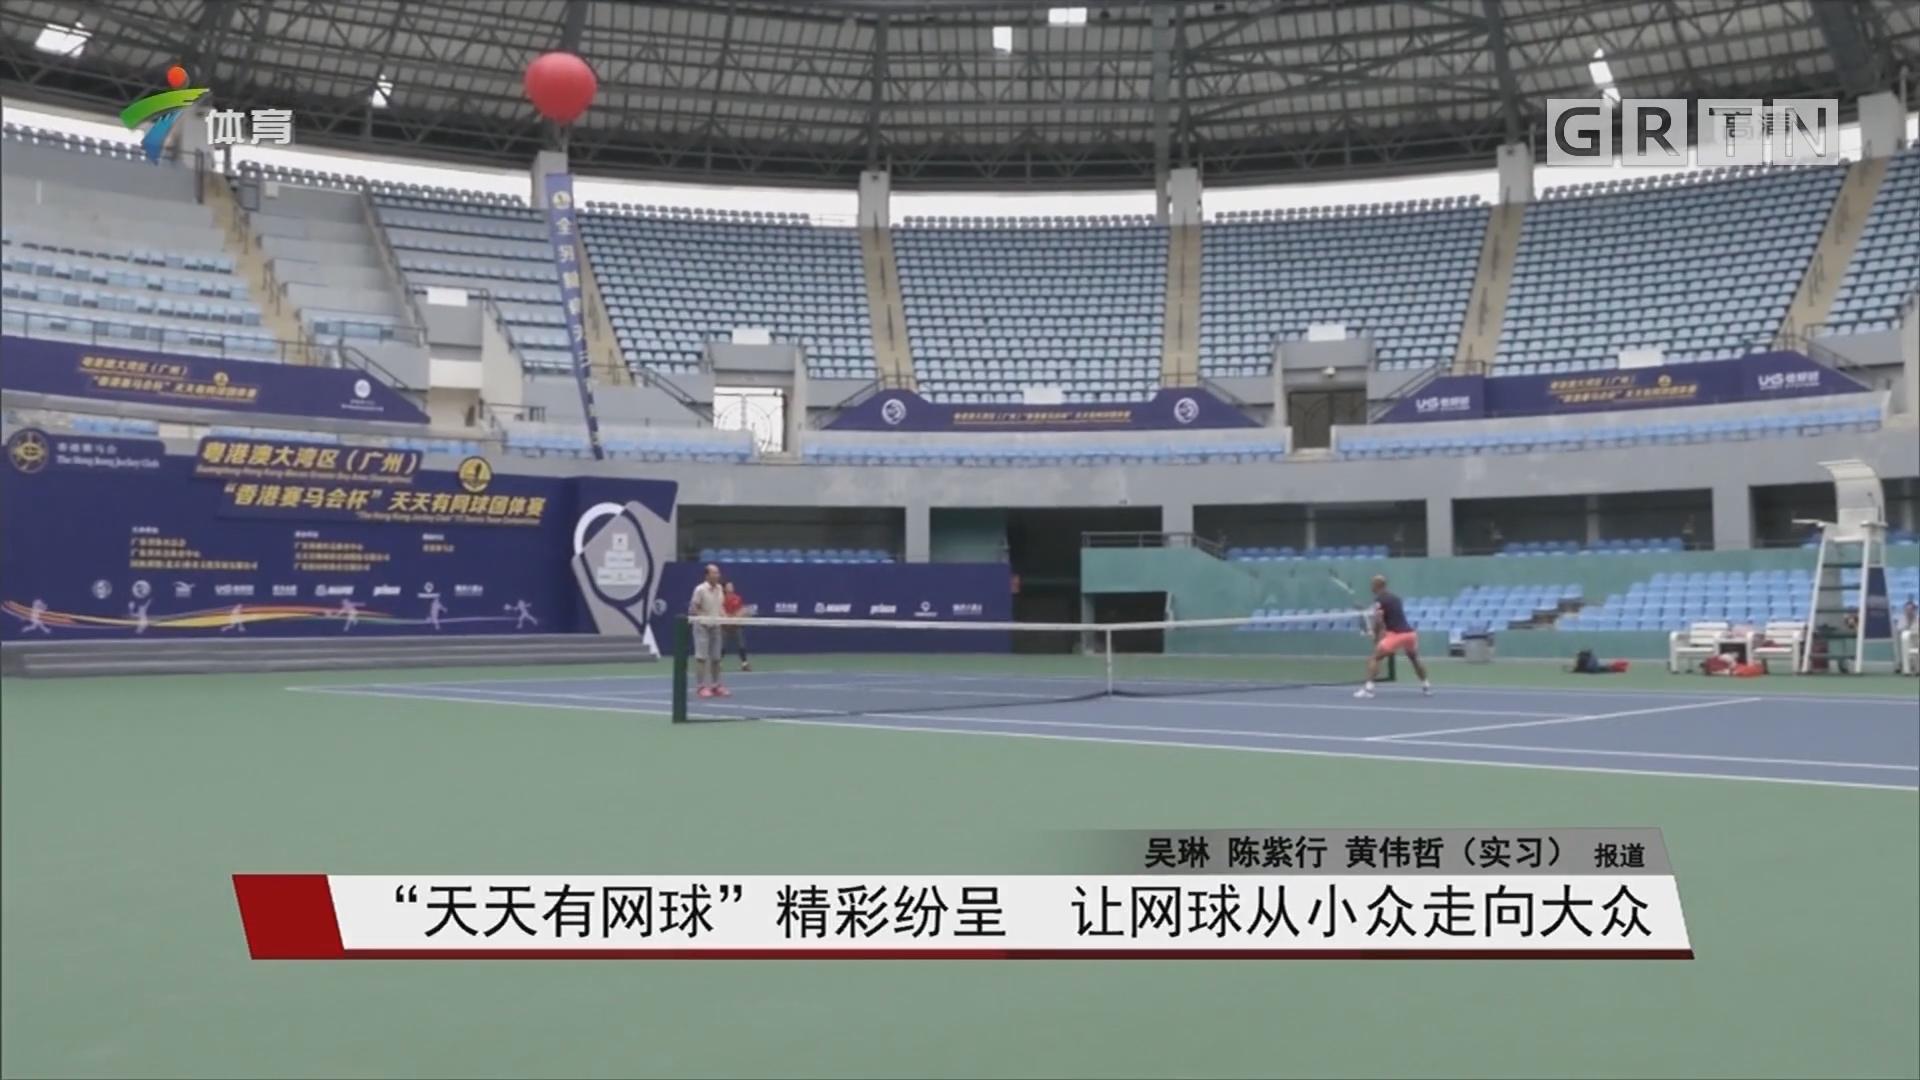 """""""天天有网球""""精彩纷呈 让网球从小众走向大众"""